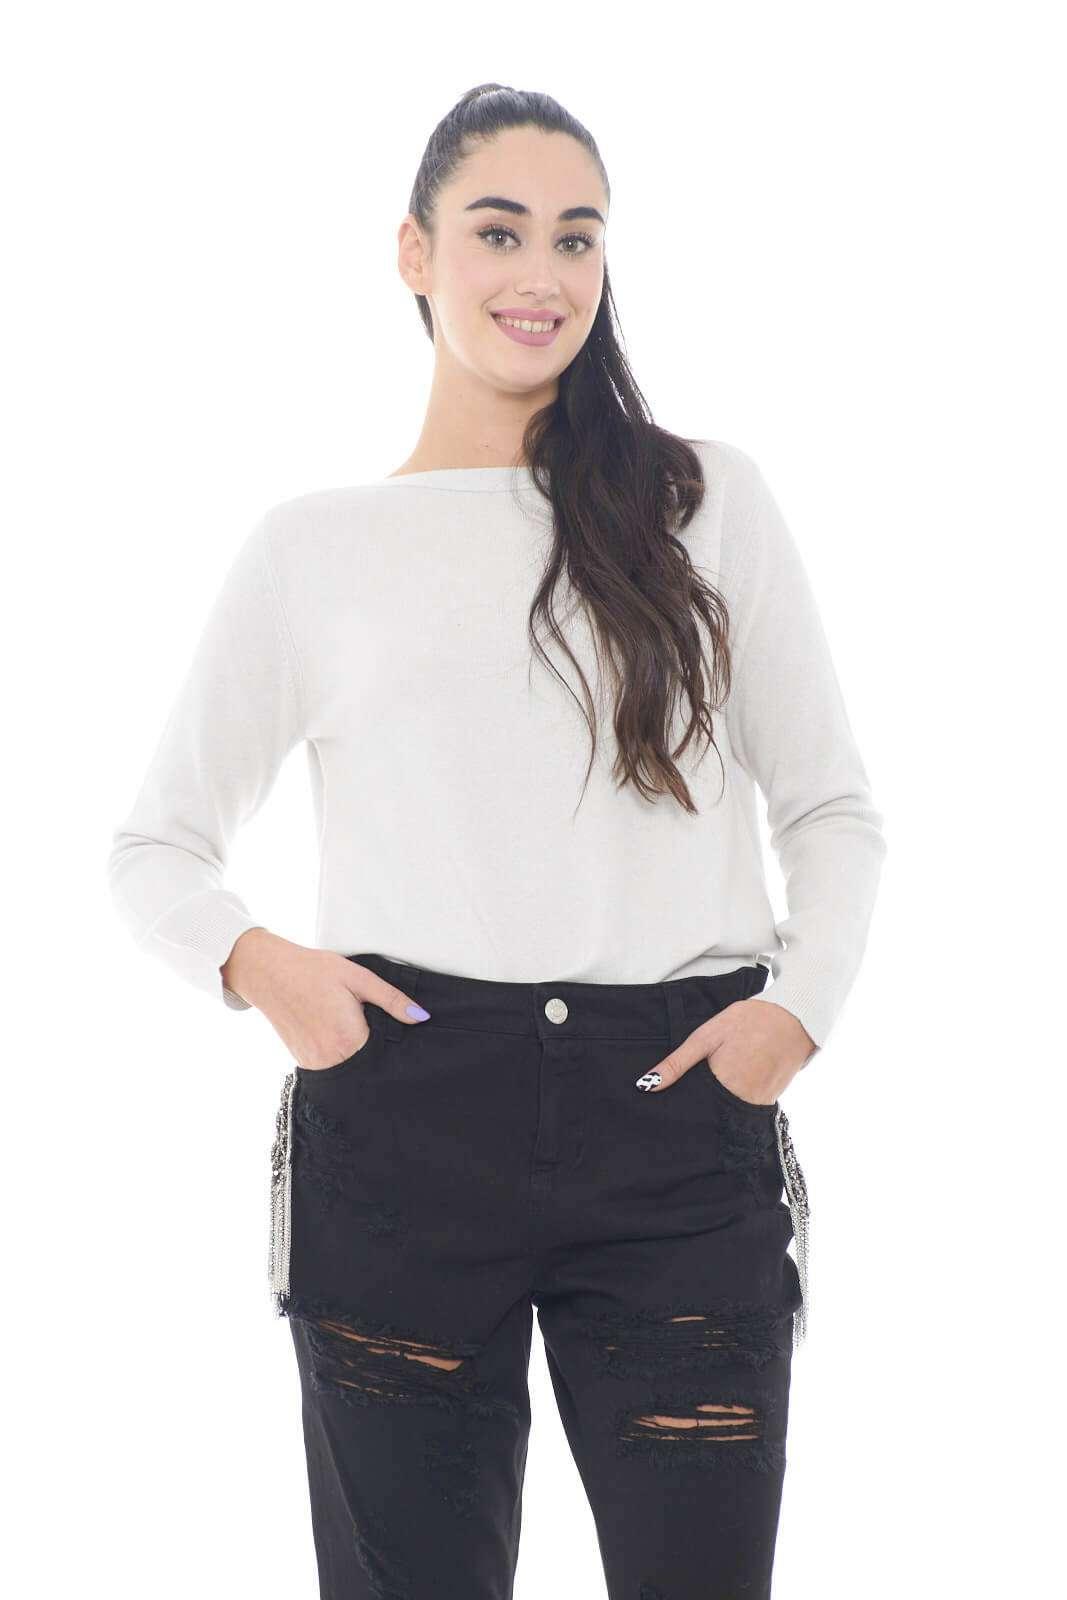 Una maglia unica, quella firmata da Fabiana Filippi, realizzata in un pregiato misto di lana merino, seta e cashmere, per un comfort e una sensazione di morbidezza davvero ineguagliabili. Il tono pastello, la rende facile da abbinare a jeans o gonne nere, per un contrasto di colori chic e ricercato.  La modella è alta 1,78m e indossa la taglia 42.